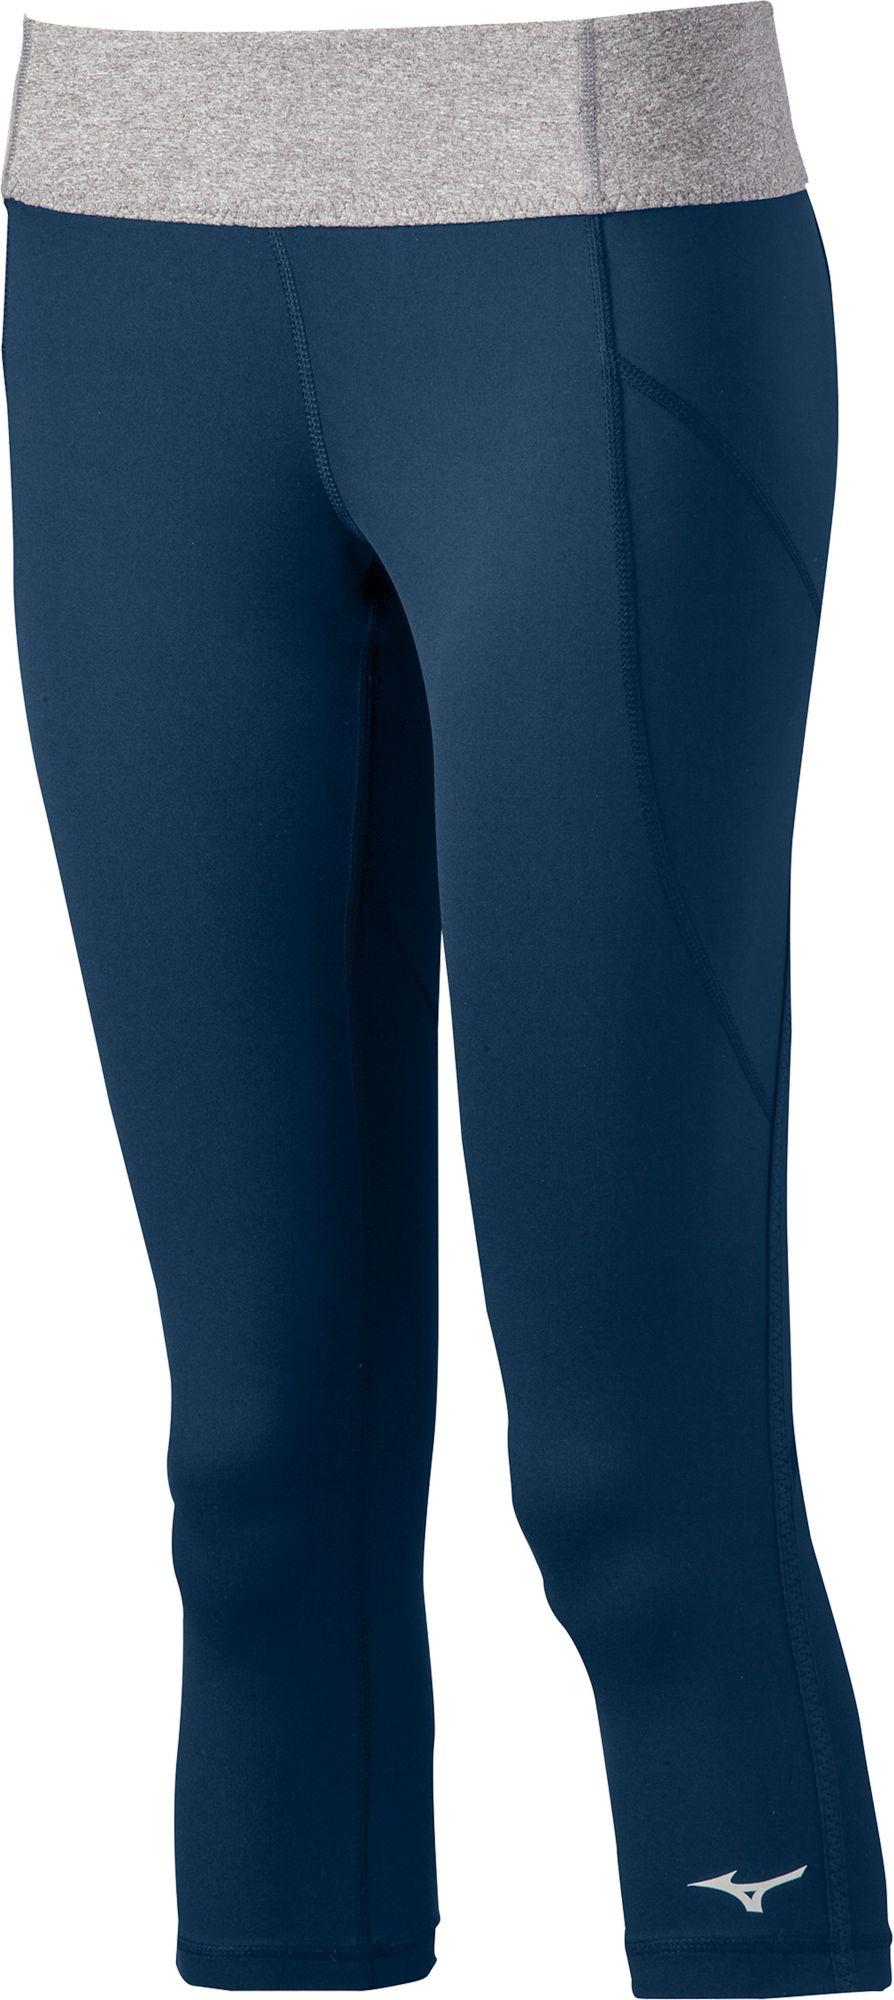 mizuno volleyball uniform creator jacket buceo